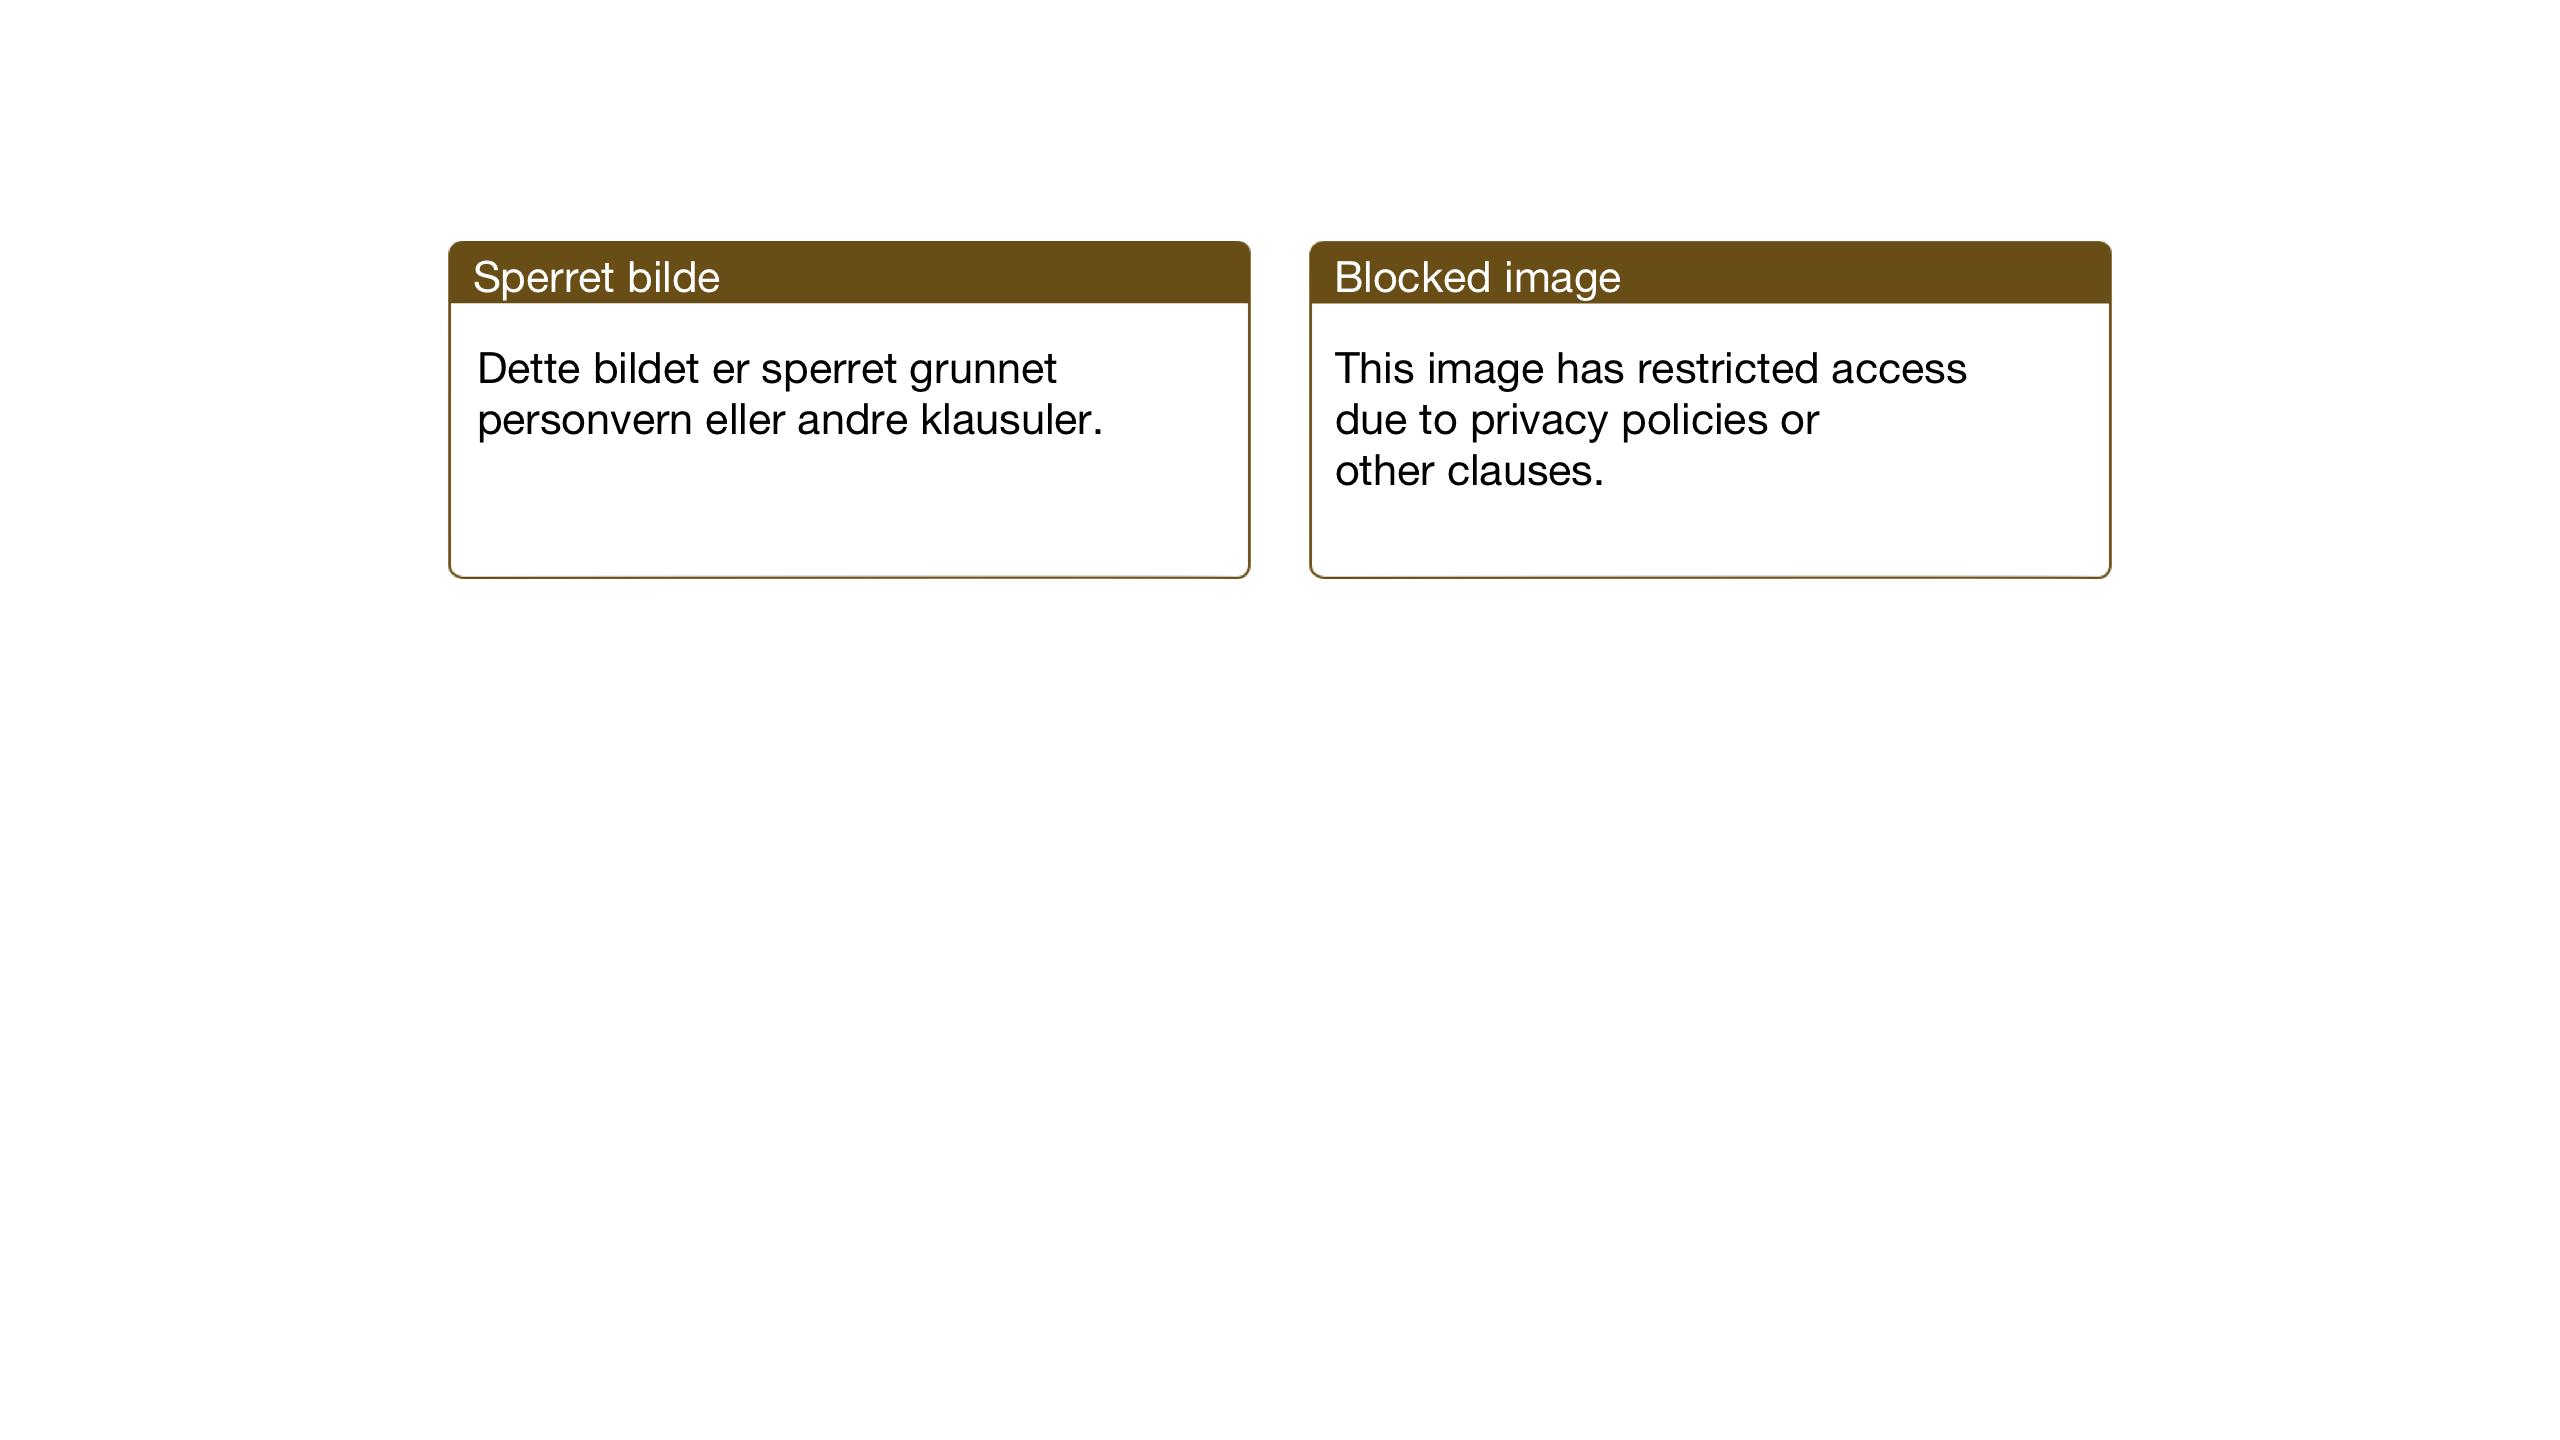 SAT, Ministerialprotokoller, klokkerbøker og fødselsregistre - Nord-Trøndelag, 710/L0097: Klokkerbok nr. 710C02, 1925-1955, s. 154